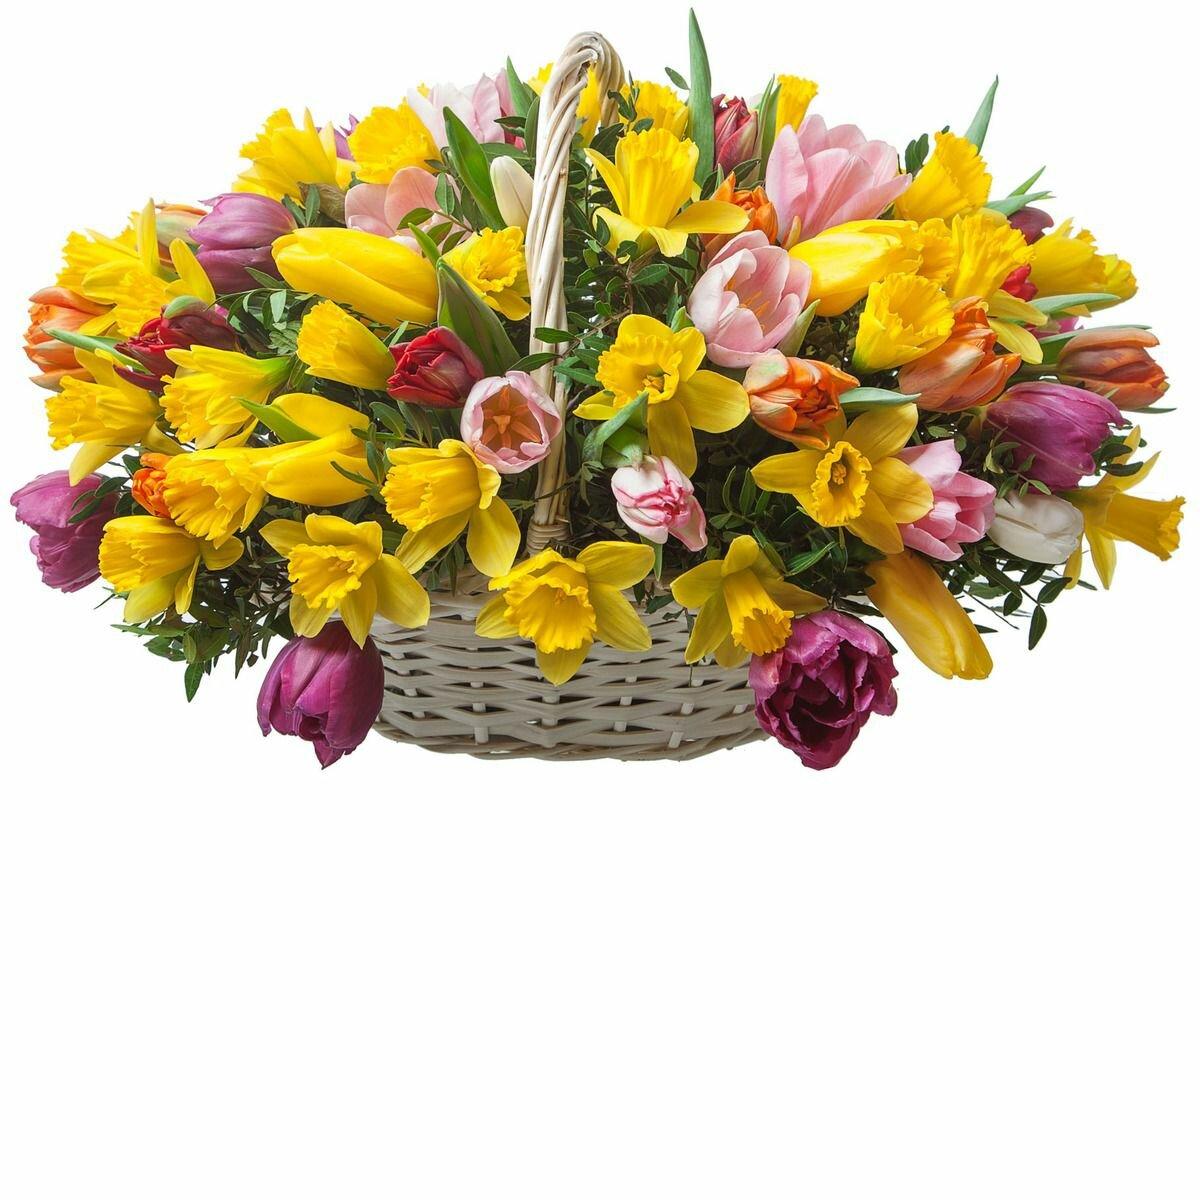 Нарциссы и тюльпаны букет, купить урюпинске авито